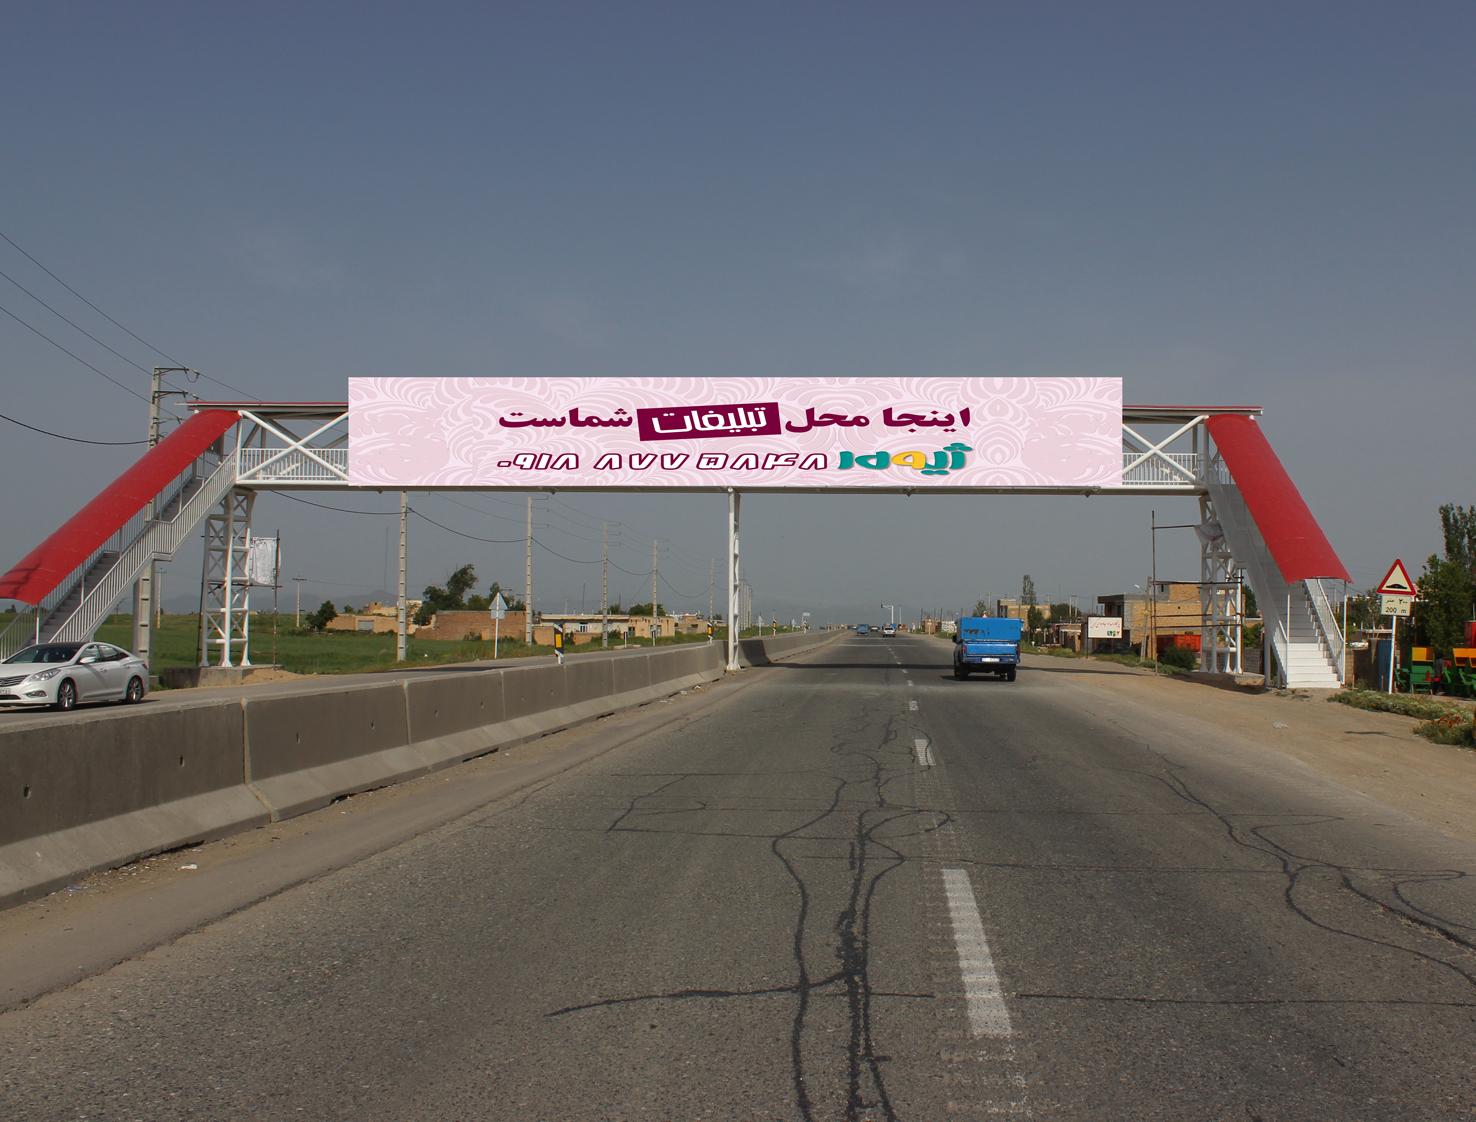 بیلبورد تبلیغاتی محور همدان سنندج ، پل عابر پیاده روستای گنجی